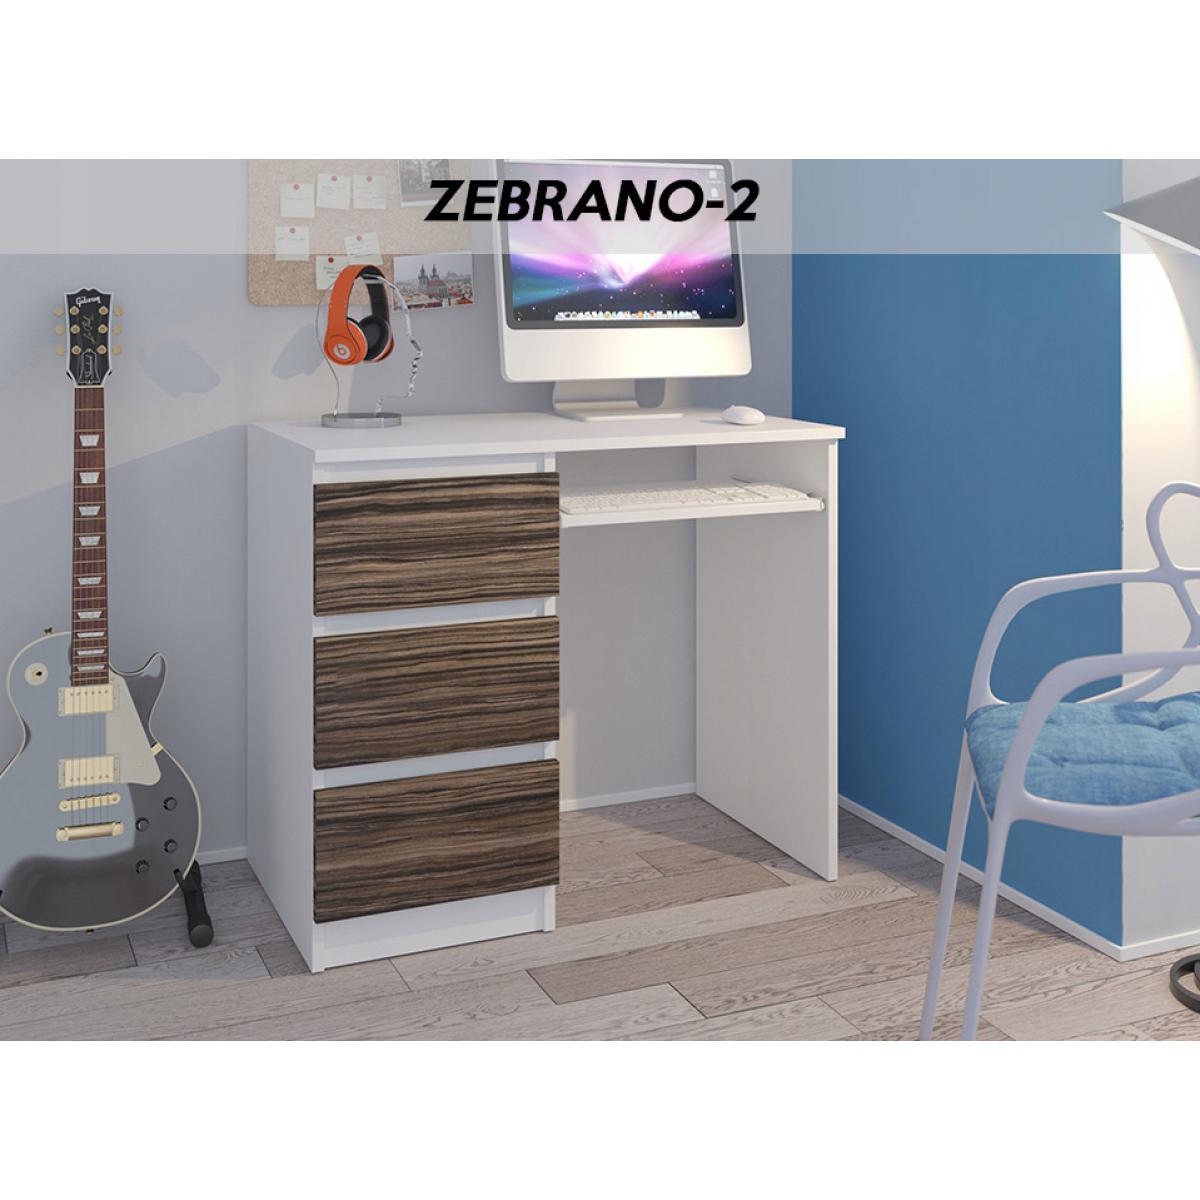 Hucoco YORK W2L| Bureau moderne informatique d'ordinateur 96x50x76 | Chambre Ado | Support clavier/3 tiroirs | Mobilier travail